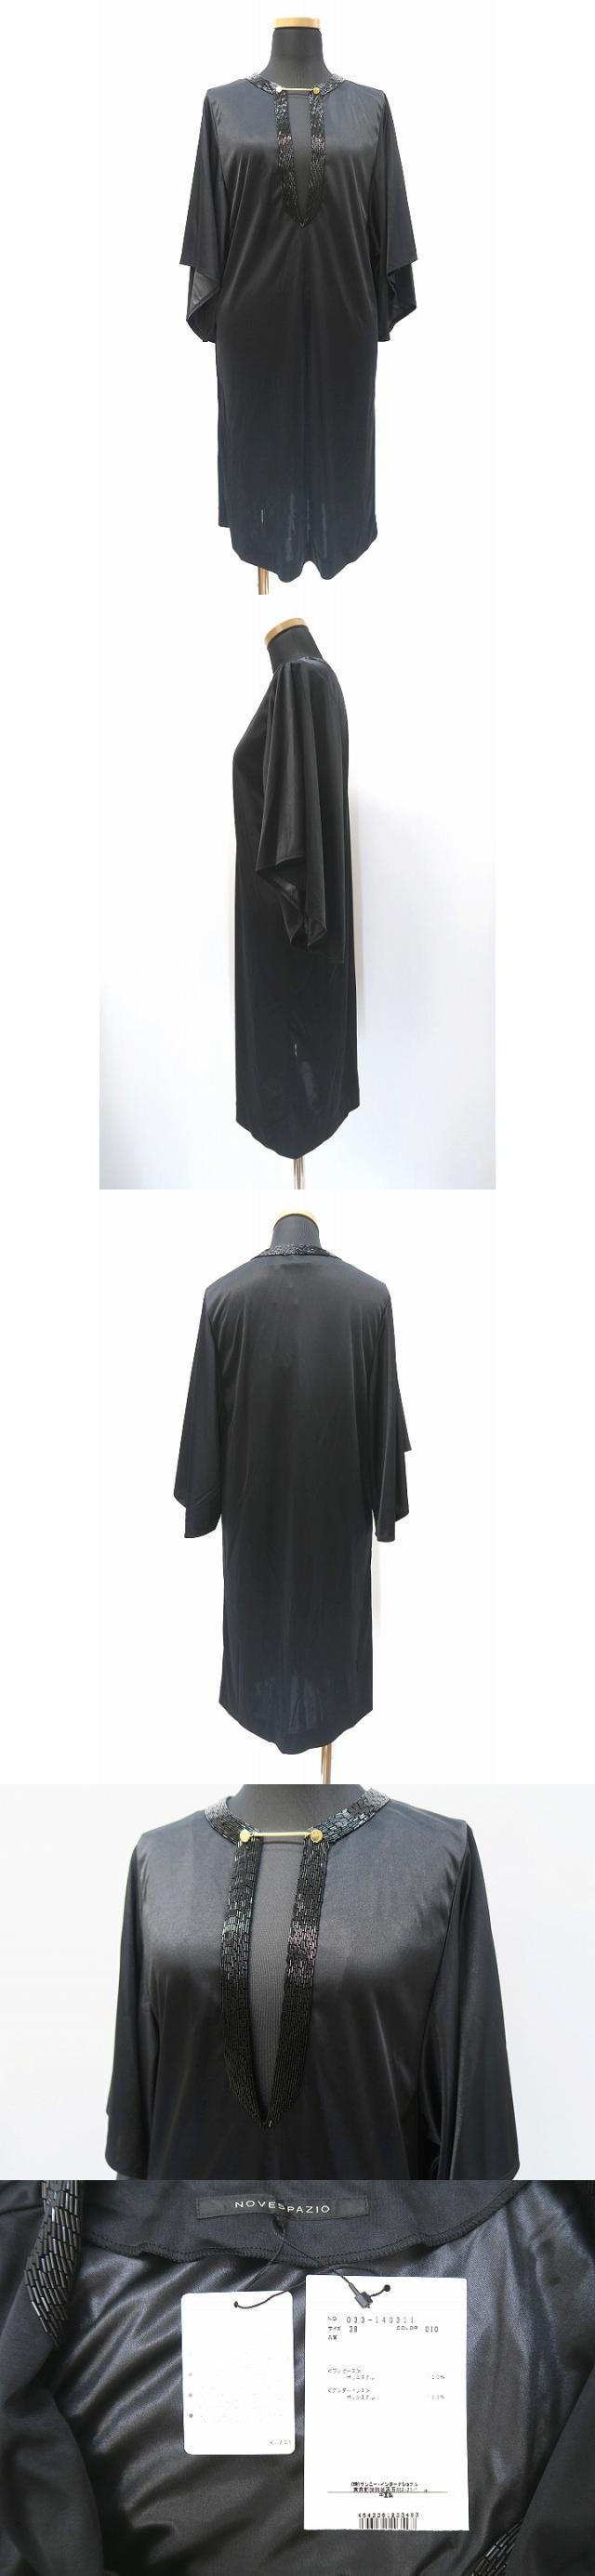 ビーズ装飾 サテン 膝丈 ワンピース ドレス 38 ブラック 033-140311